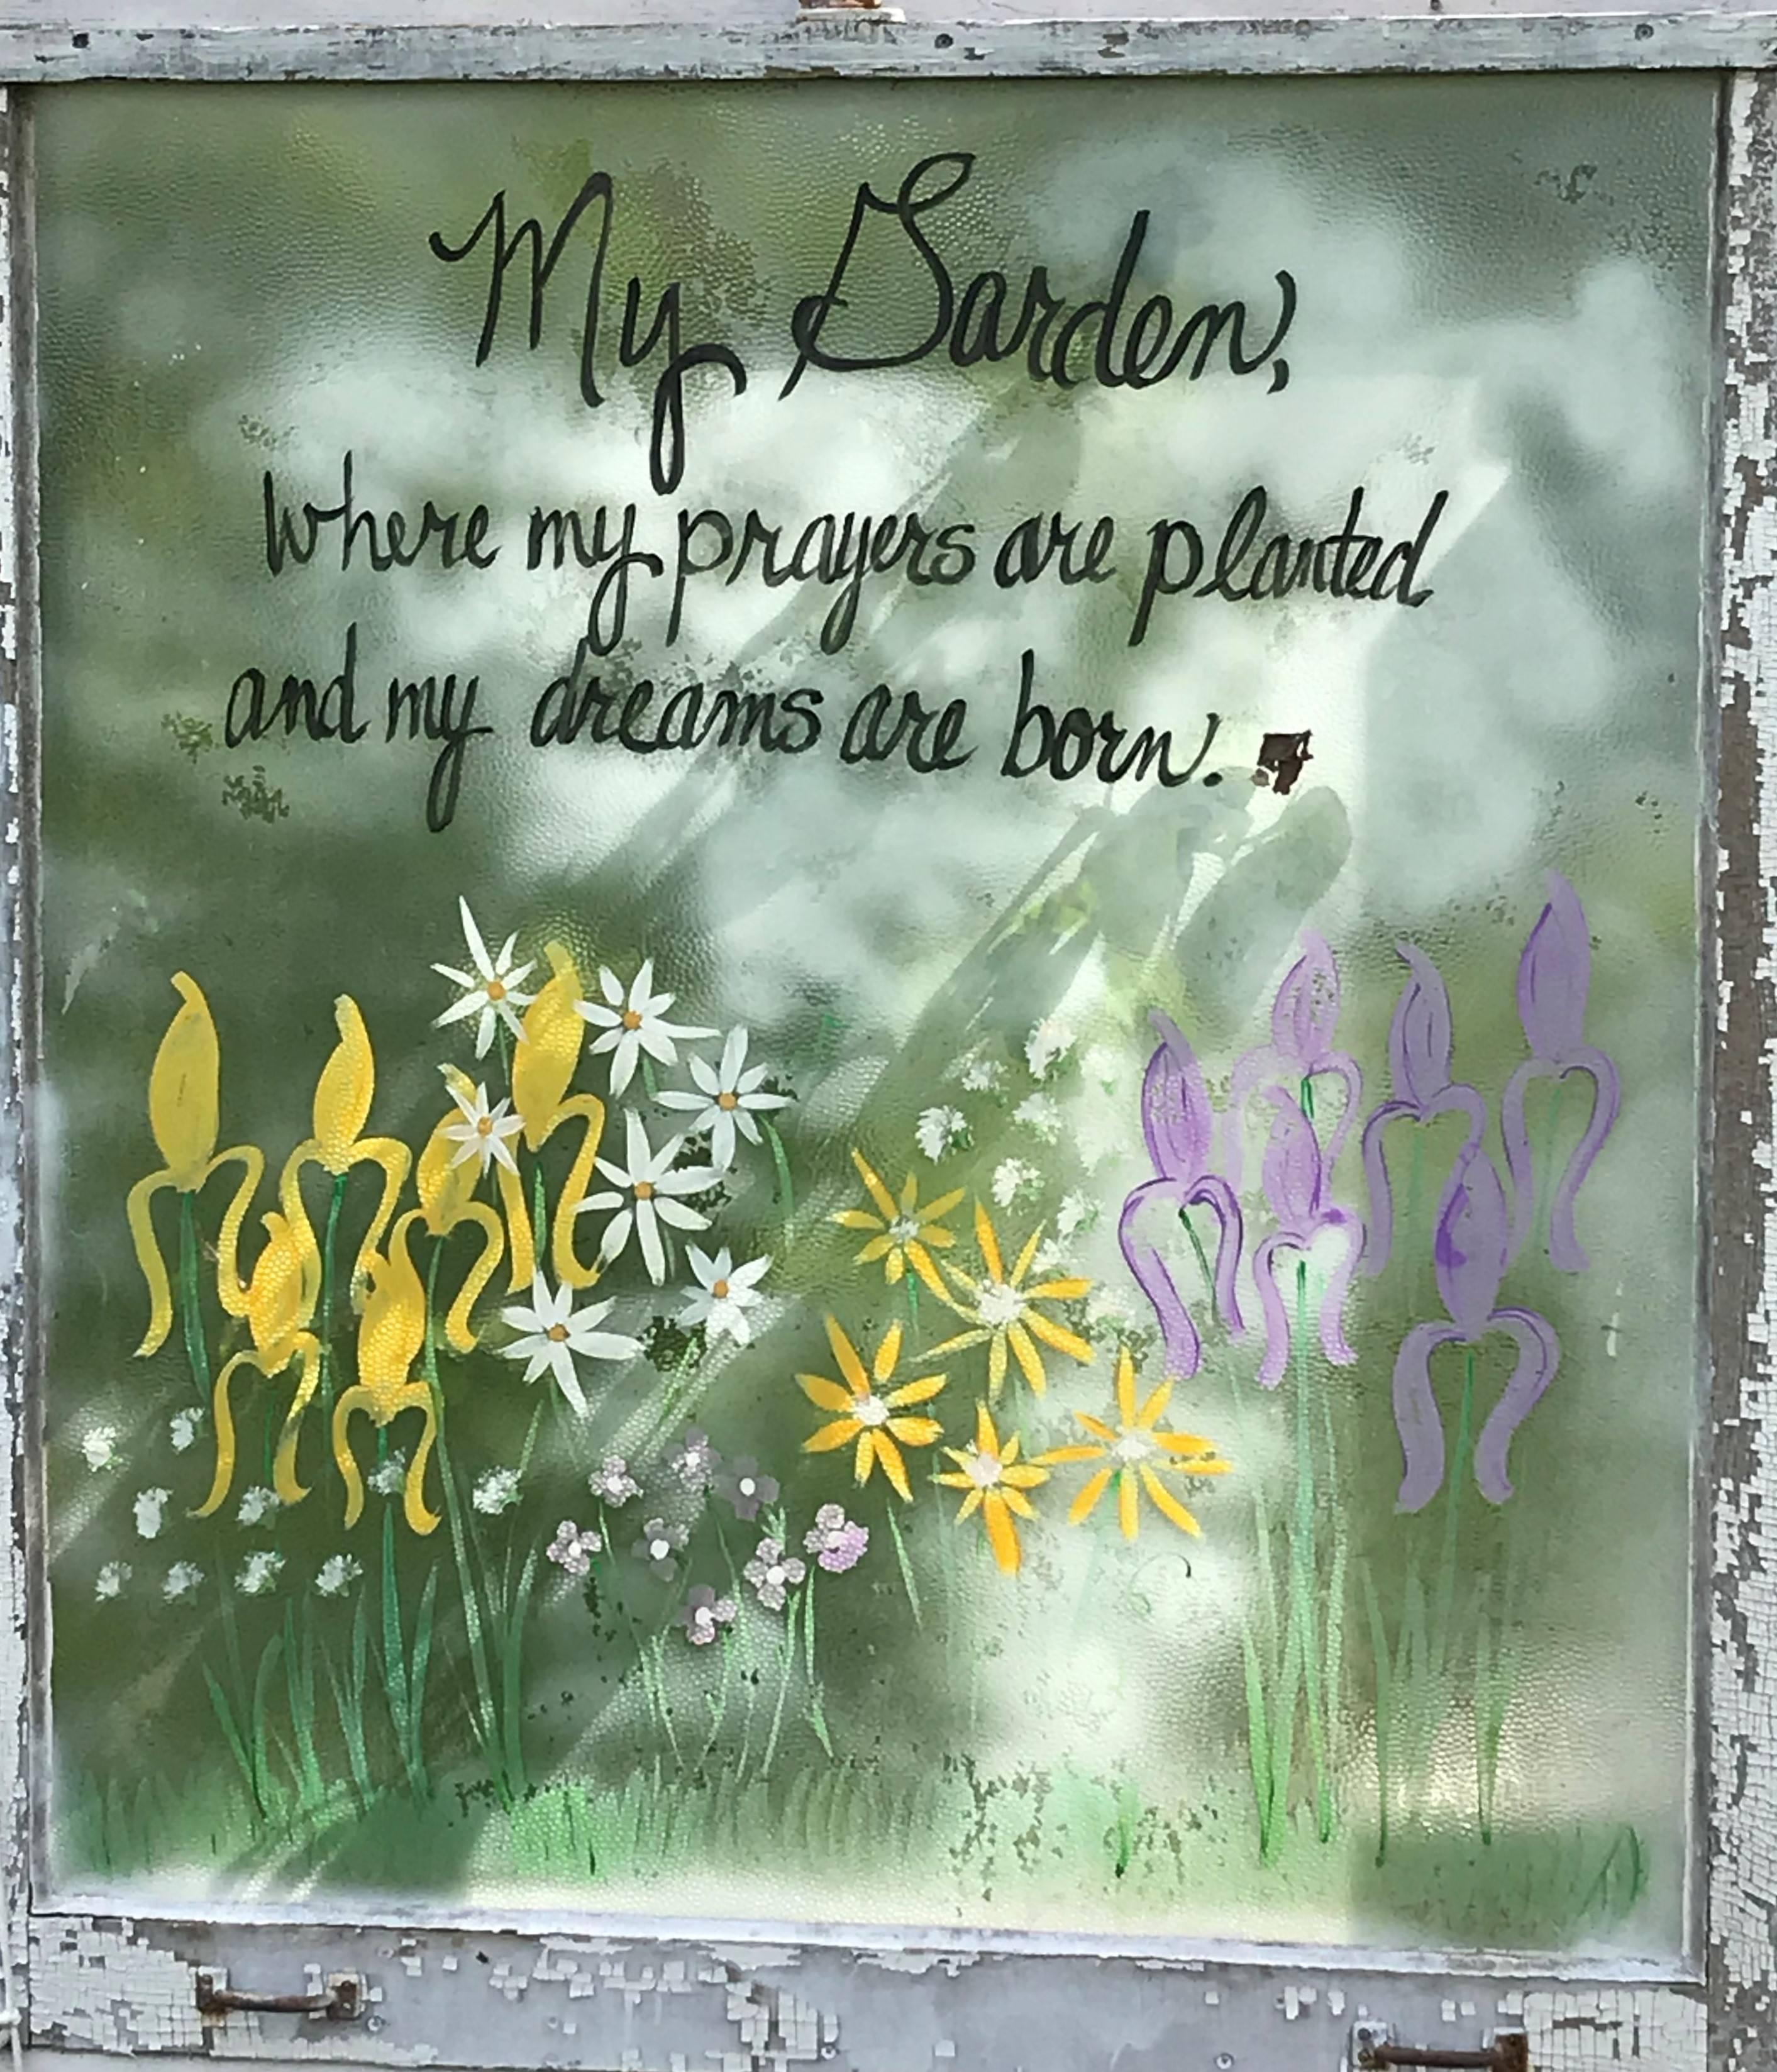 Garden message